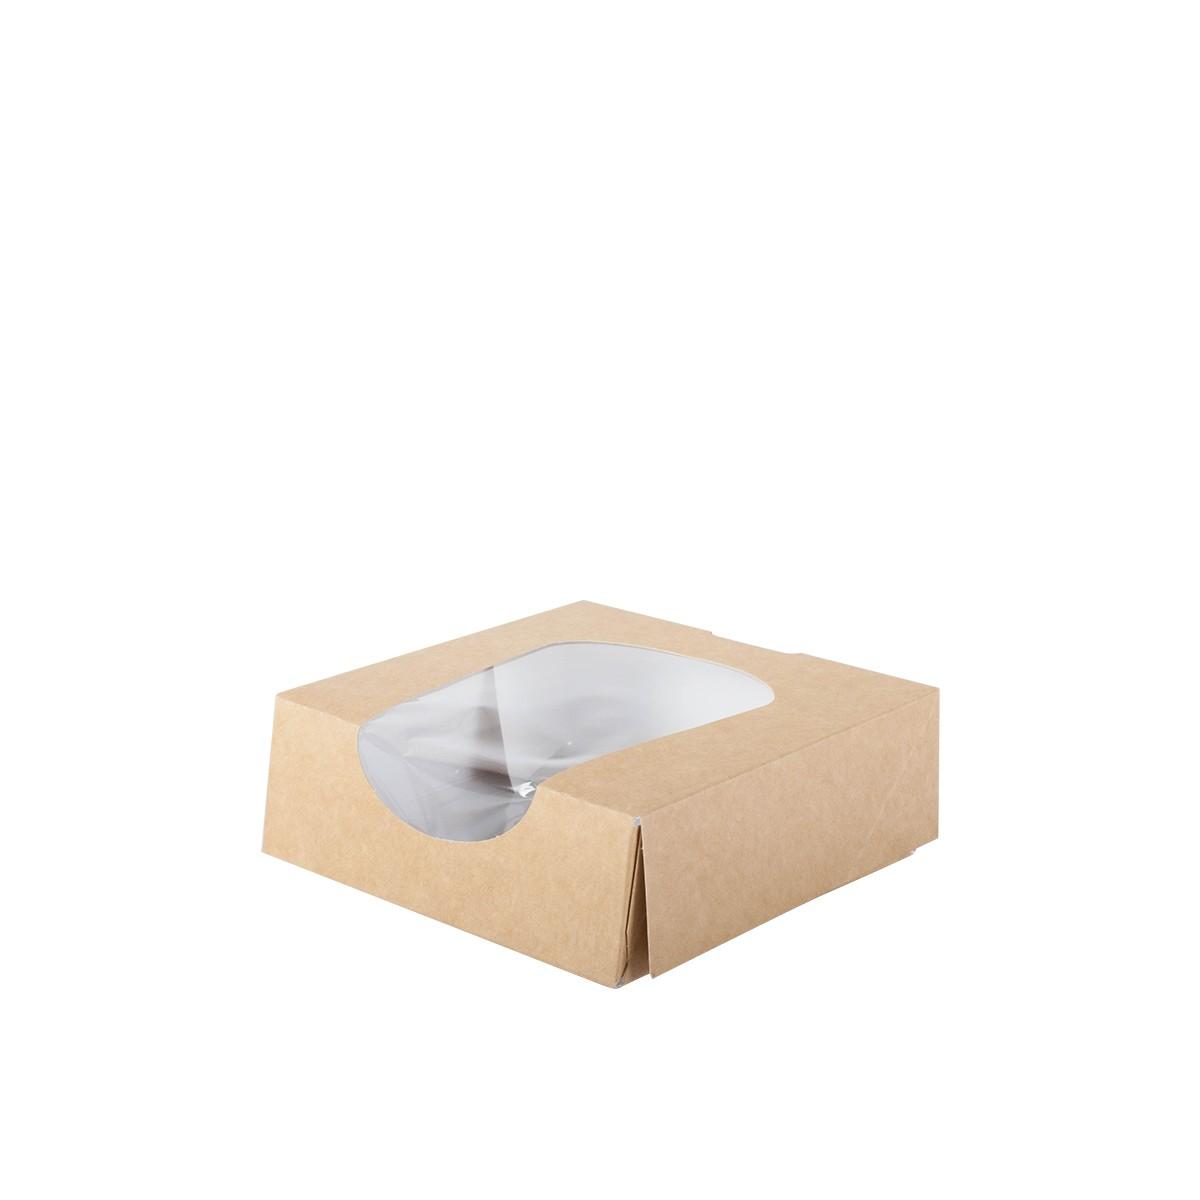 boite carton pâtisserie avec fenêtre transparente